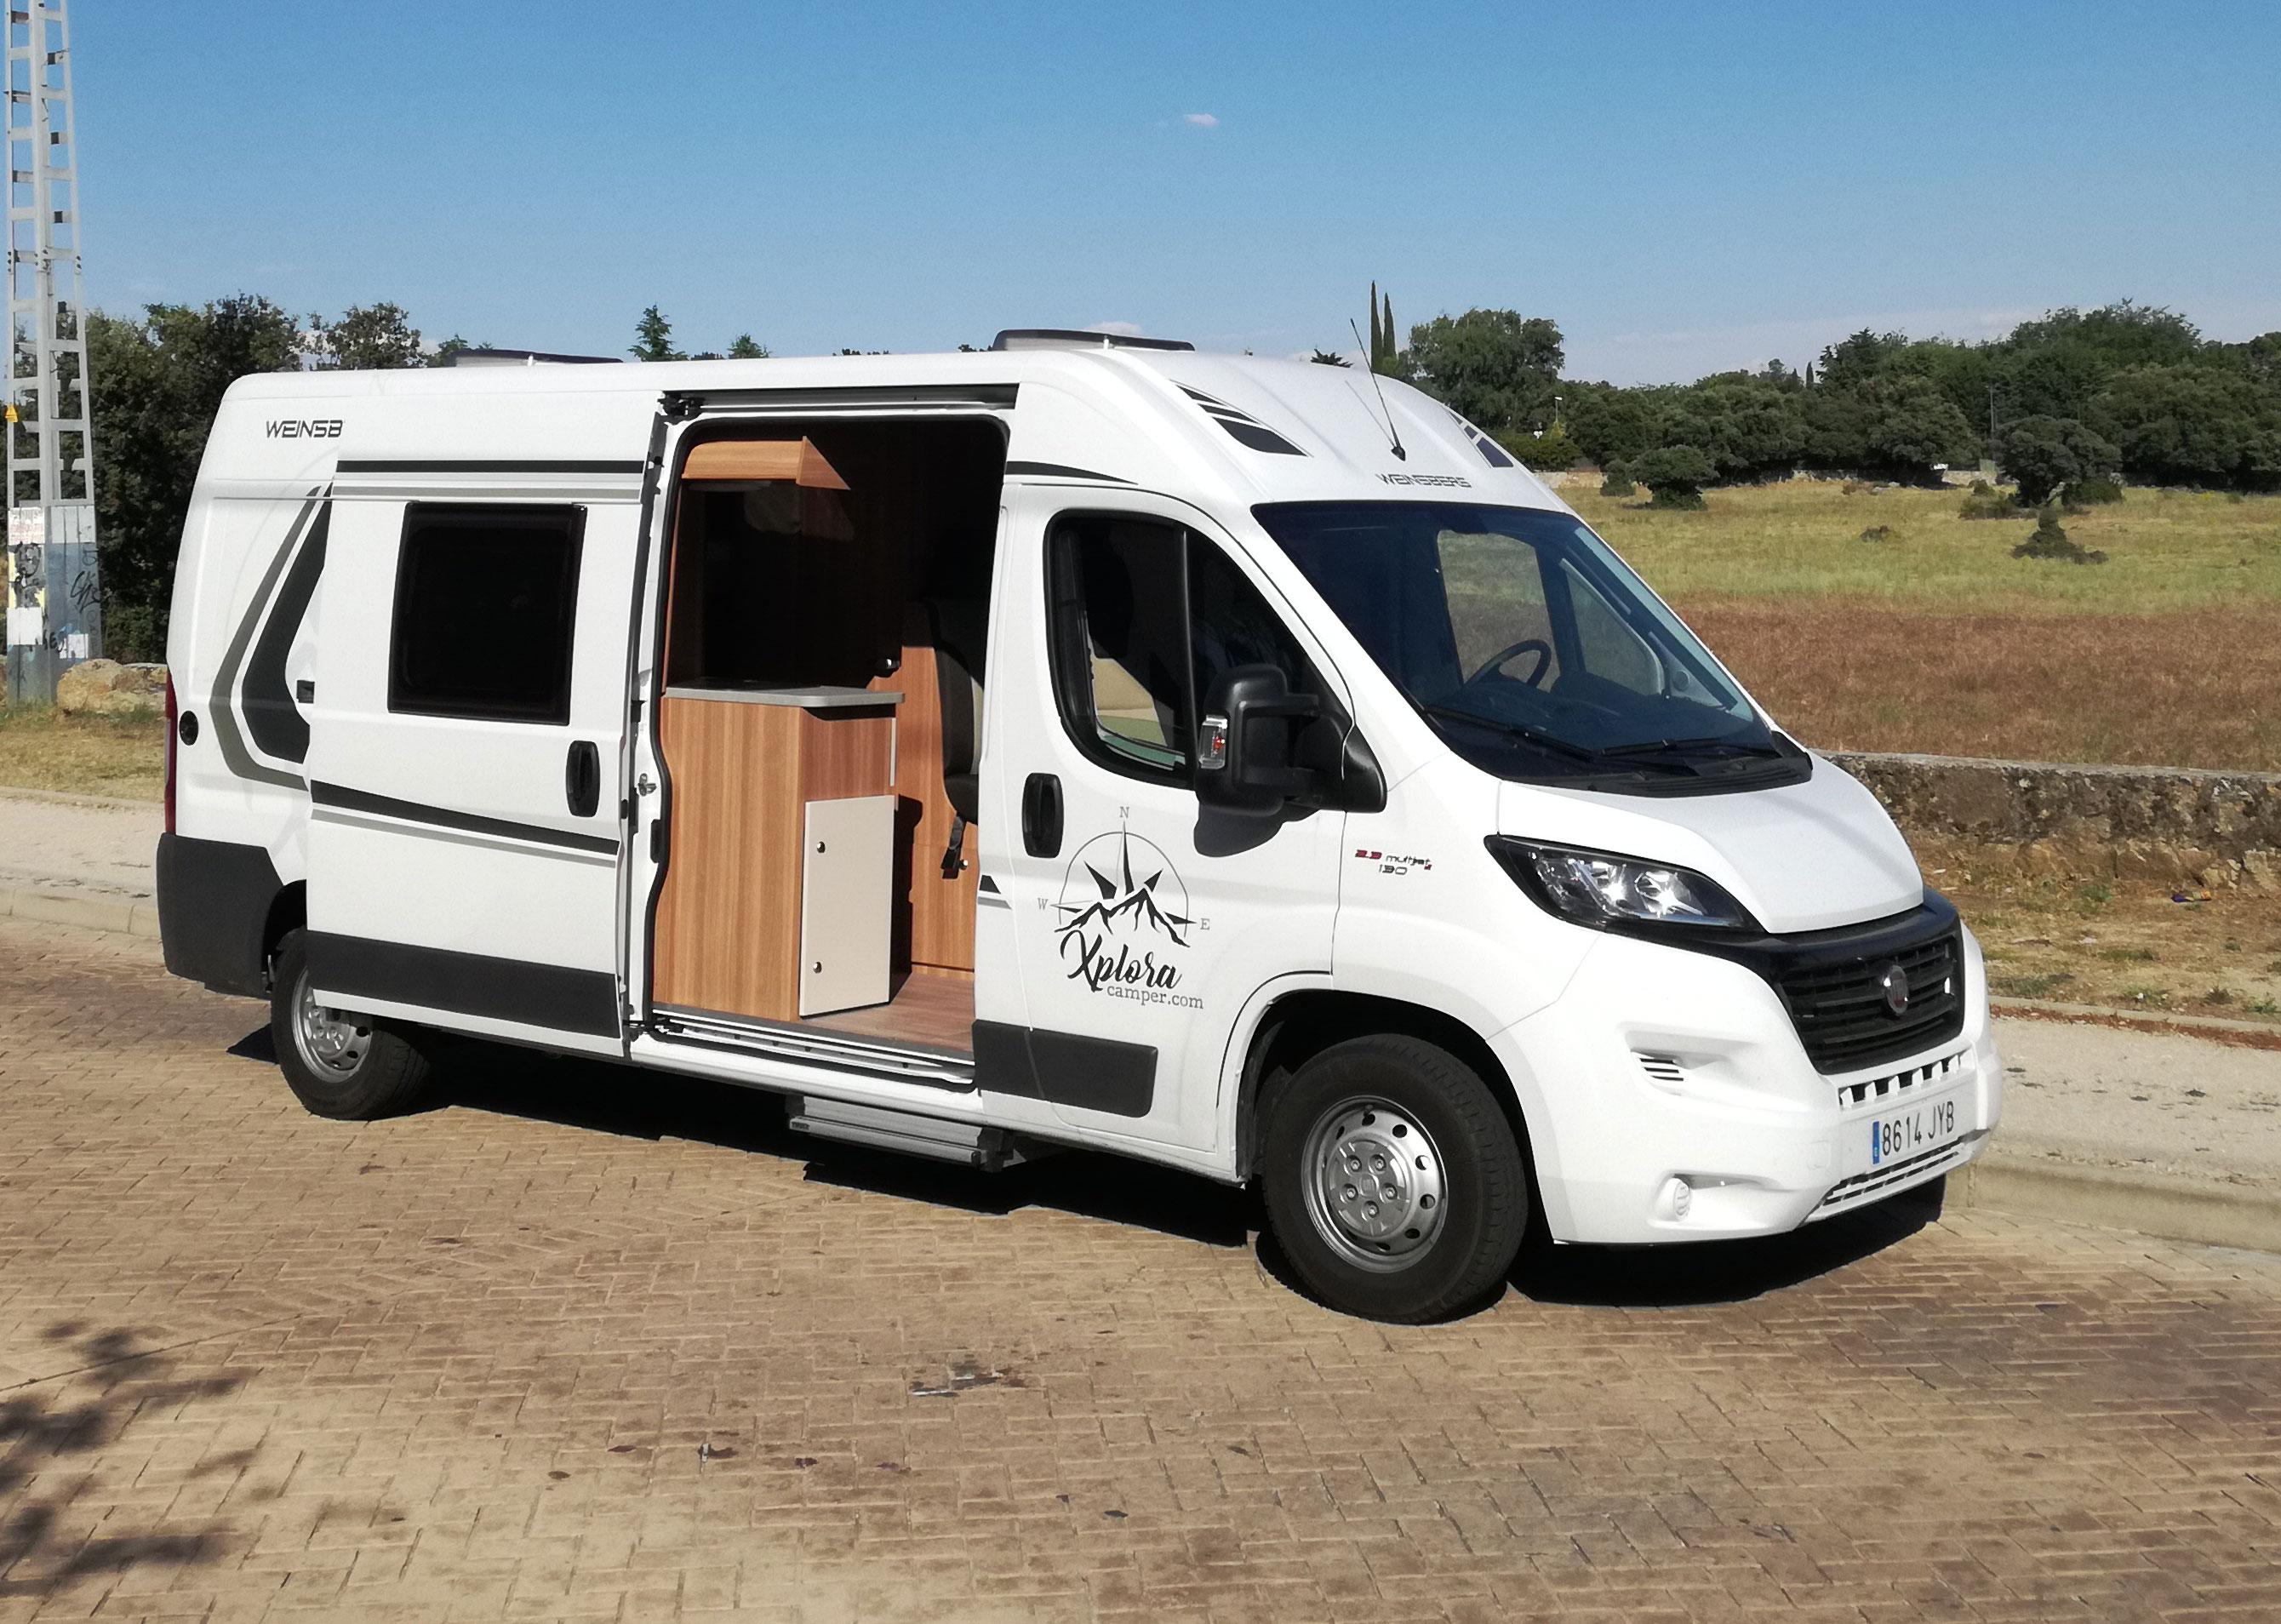 Una furgoneta camper la mejor soluci n para los excursionistas m s exigentes madridiario - Muebles furgoneta camper ...